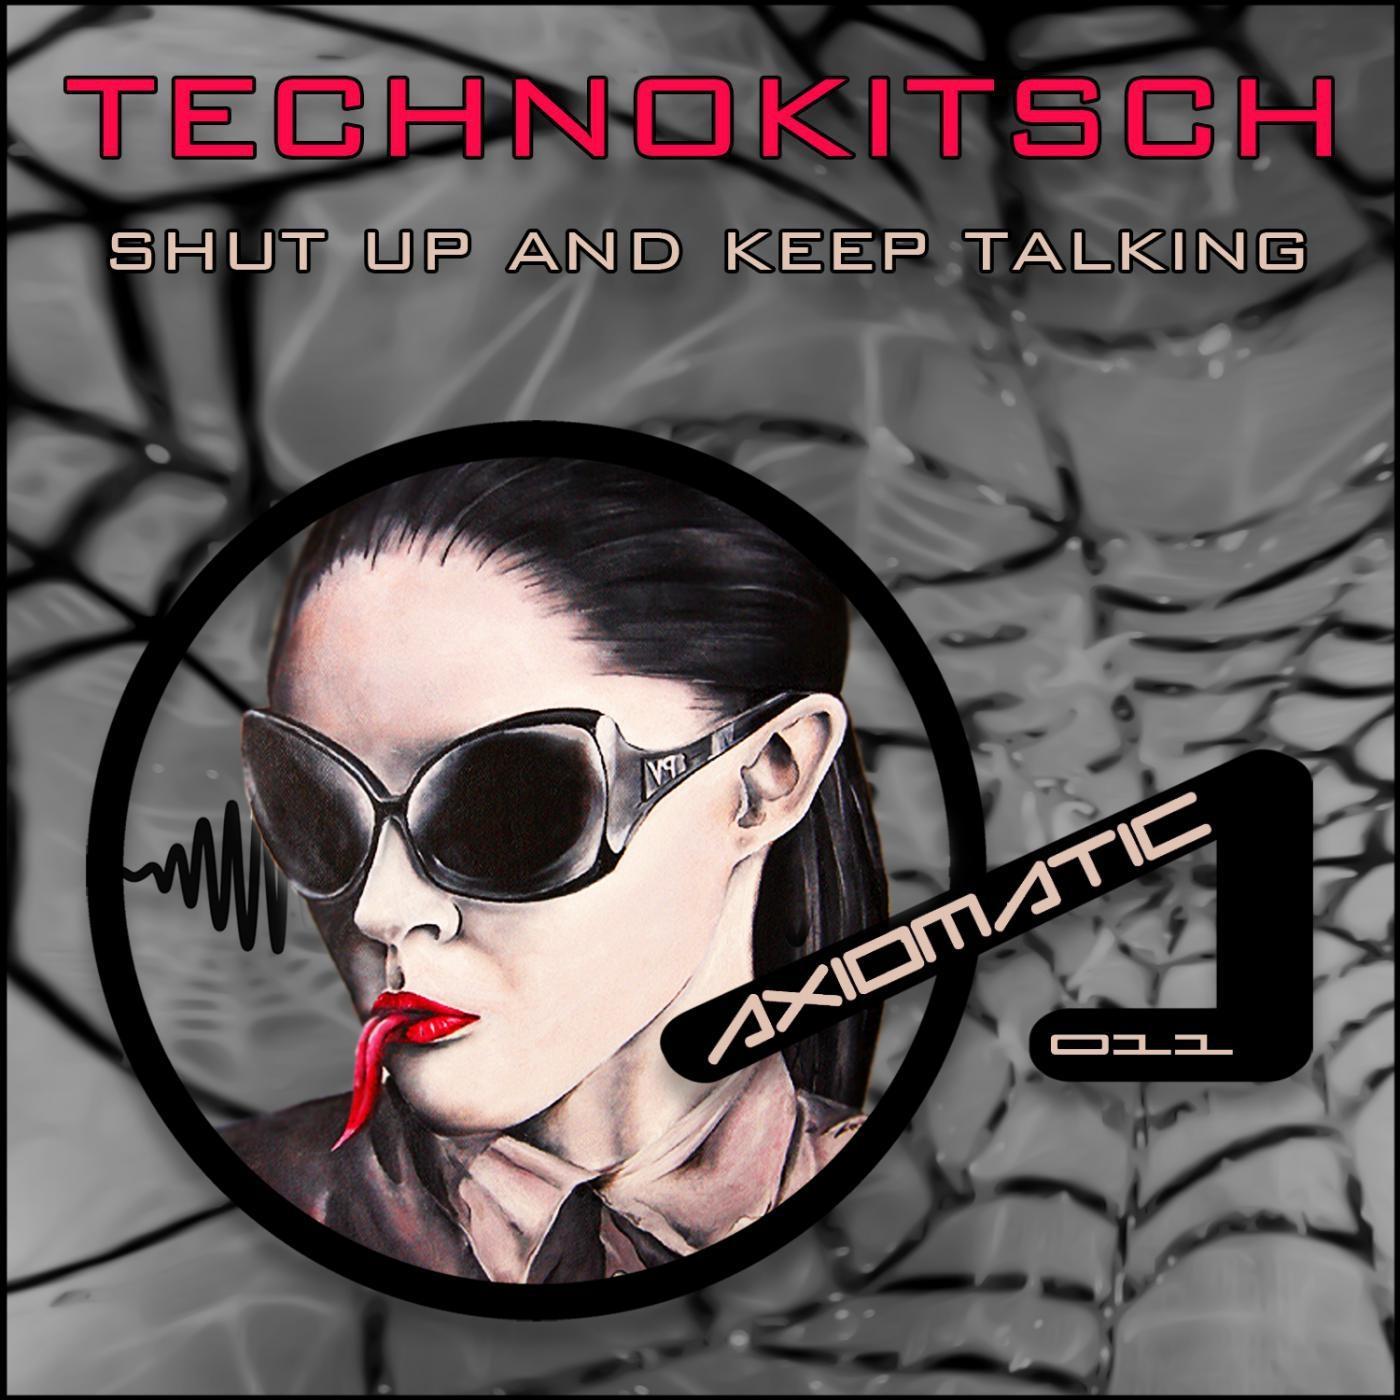 Technokitsch - Short Story Long (Original mix)